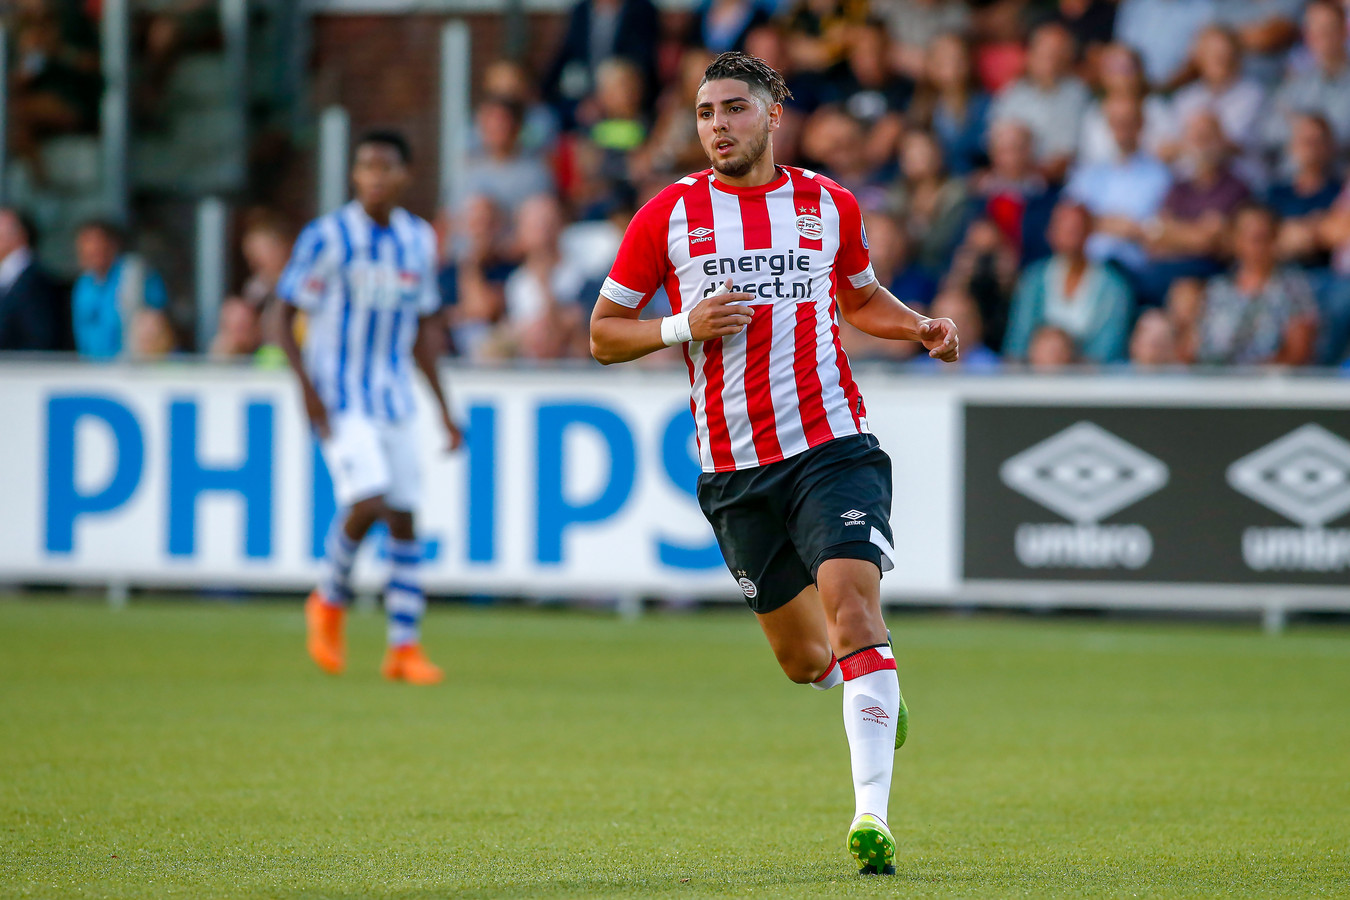 Maxi Romero maakte vorige week de negentig minuten vol.